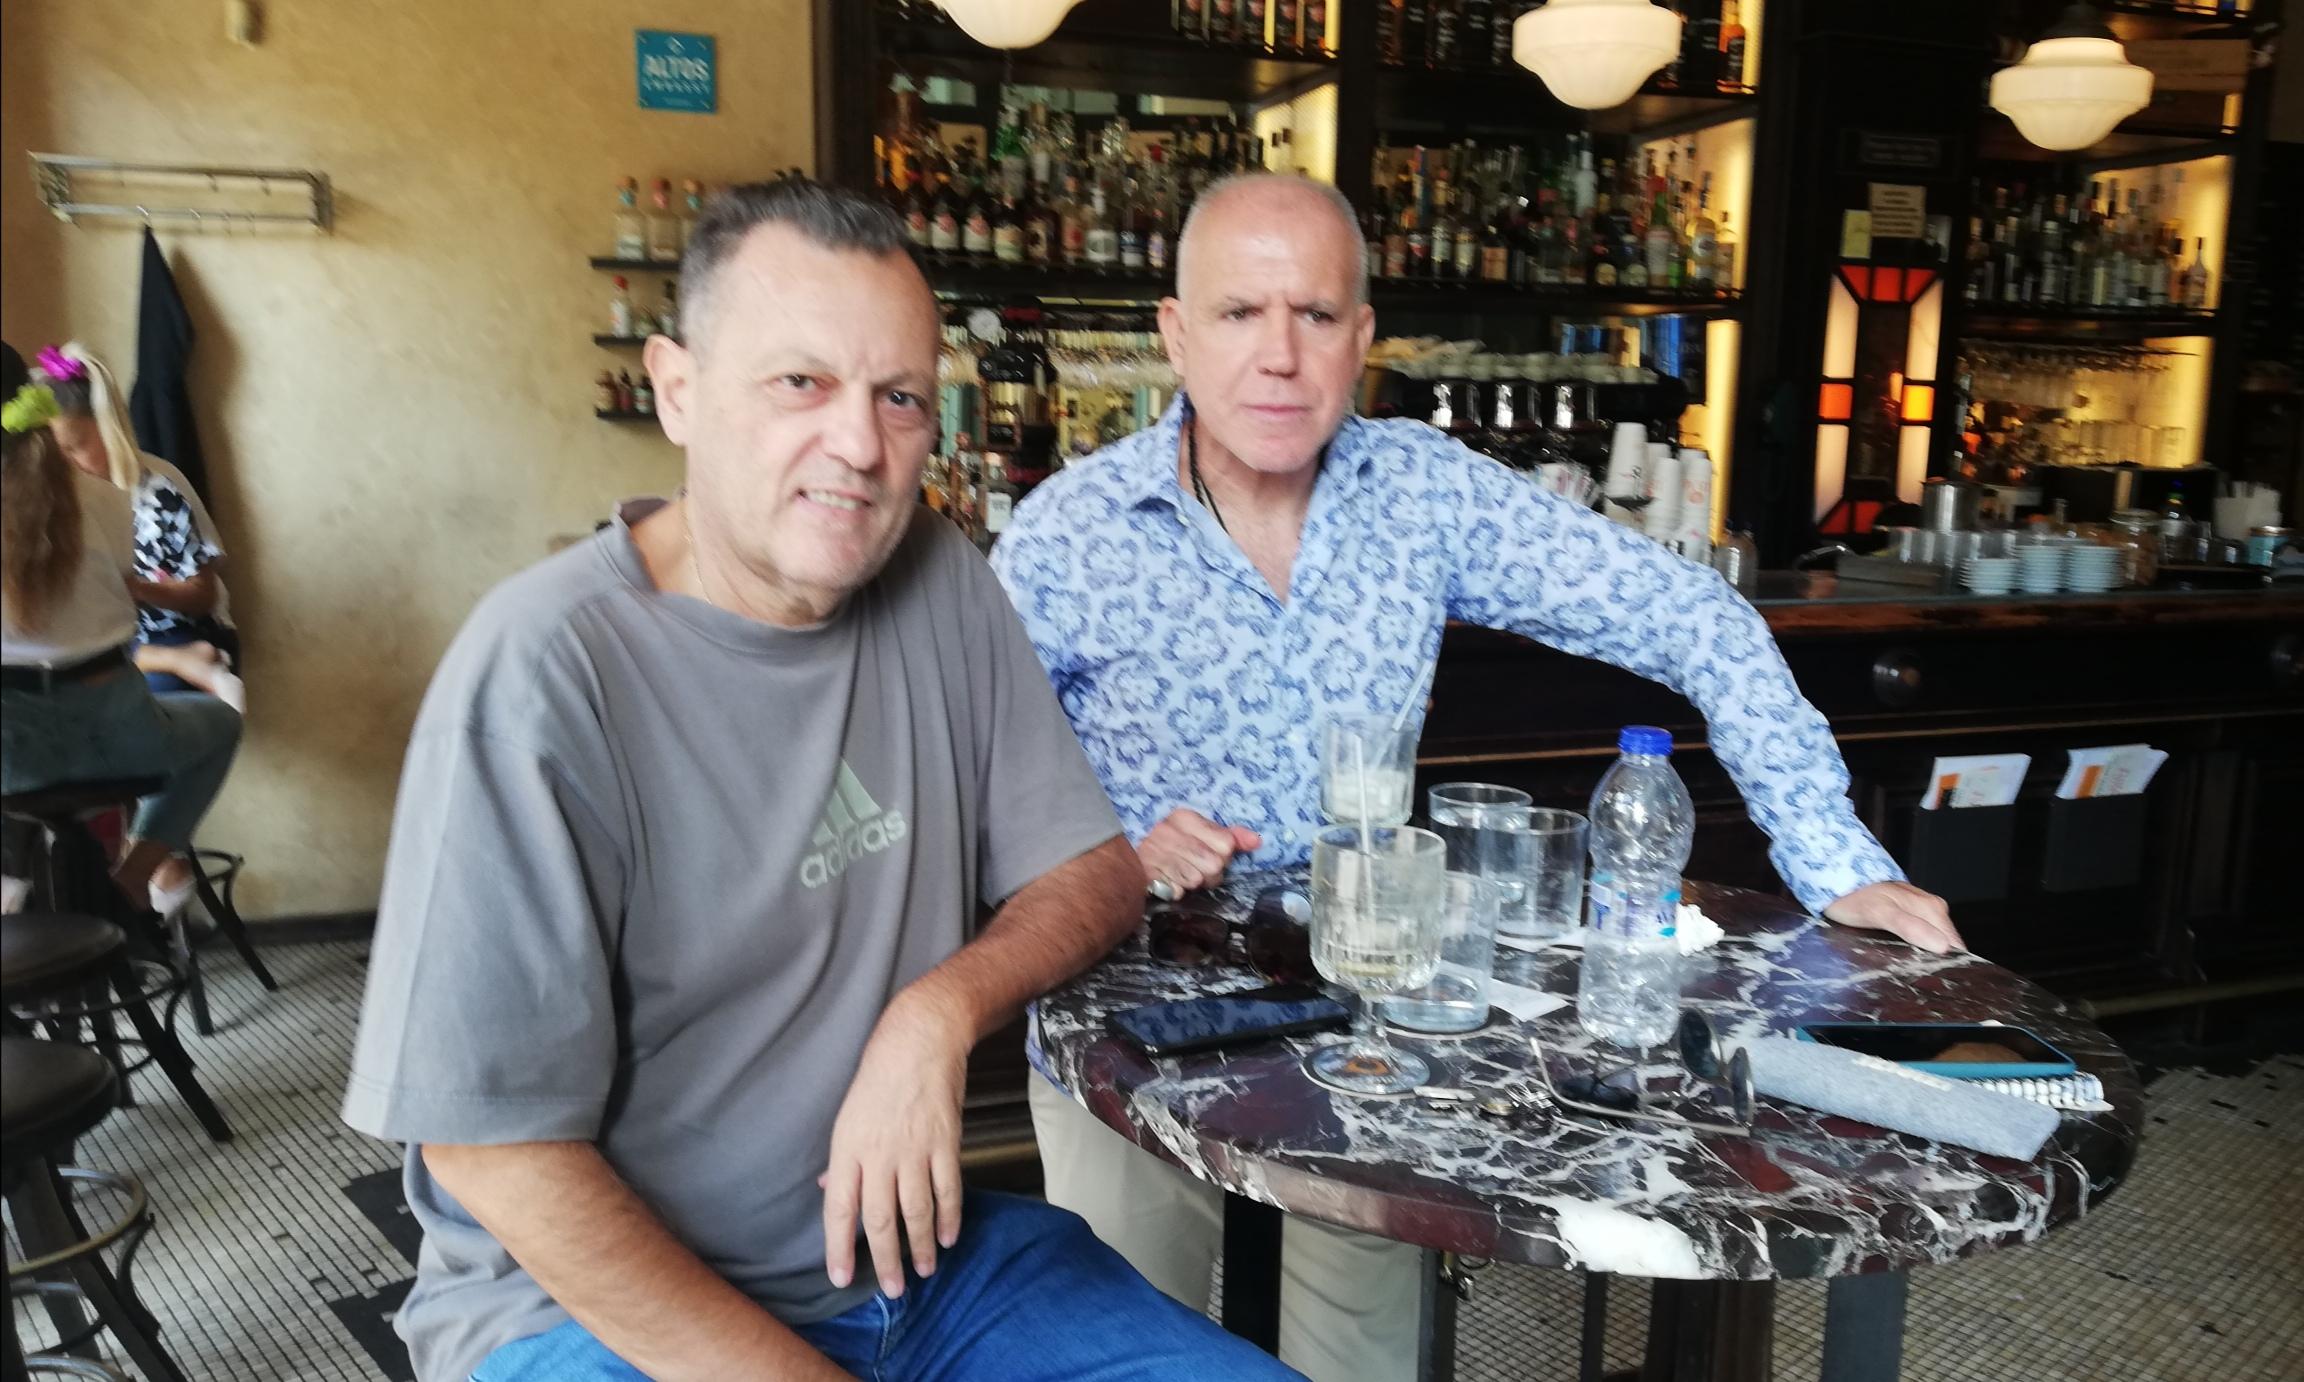 Για καφέ στην Καλαμάτα Σαρελάκος και Αναστόπουλος